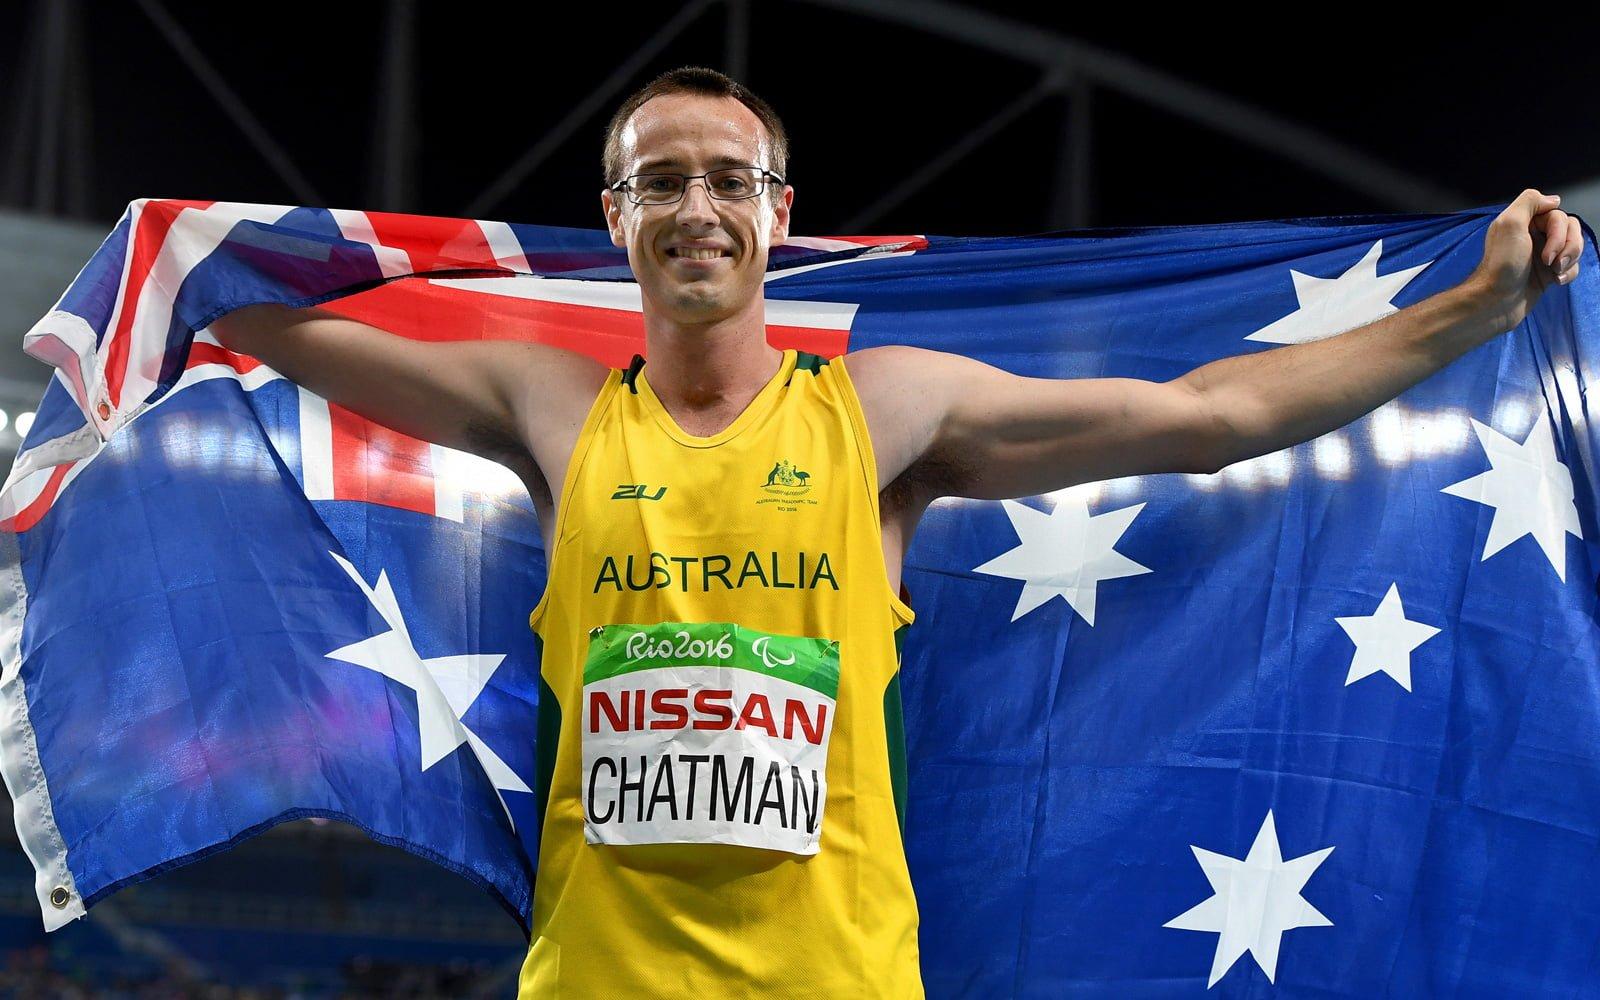 Paralympian Aaron Chatman Announces Retirement